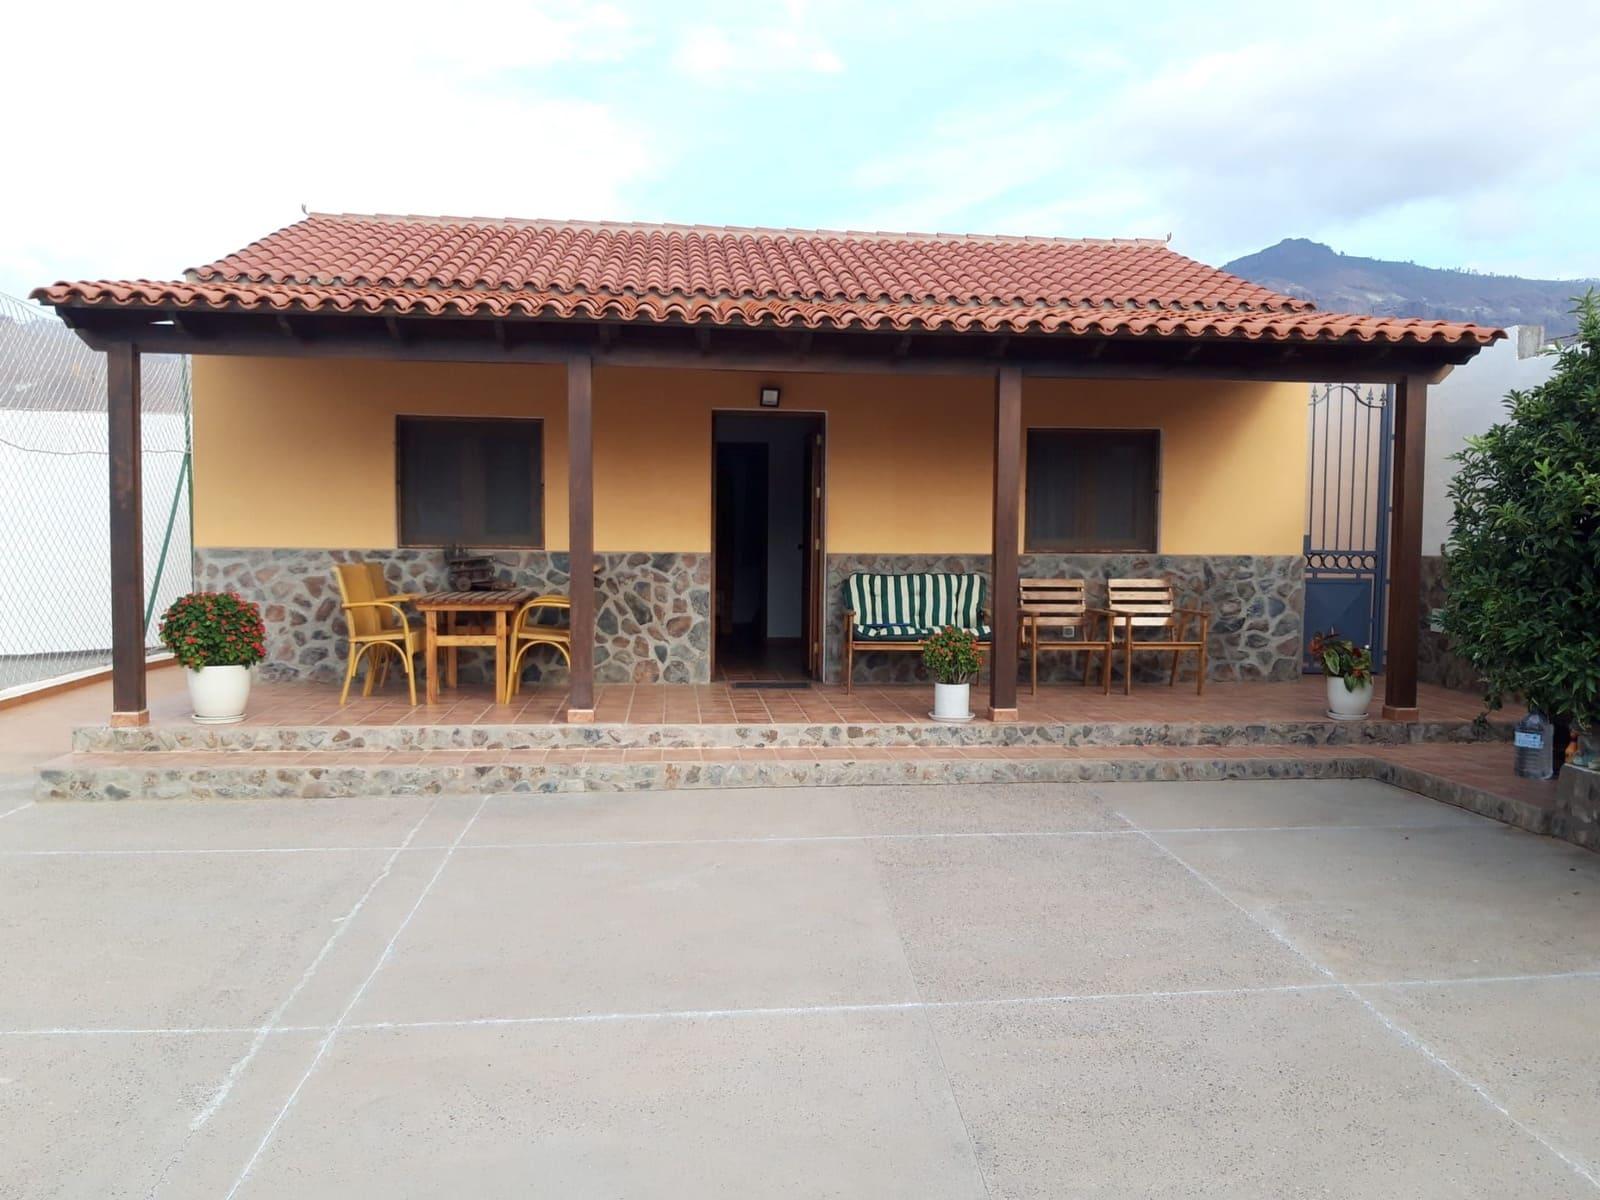 2 bedroom Townhouse for holiday rental in La Aldea de San Nicolas with pool - € 850 (Ref: 5684086)